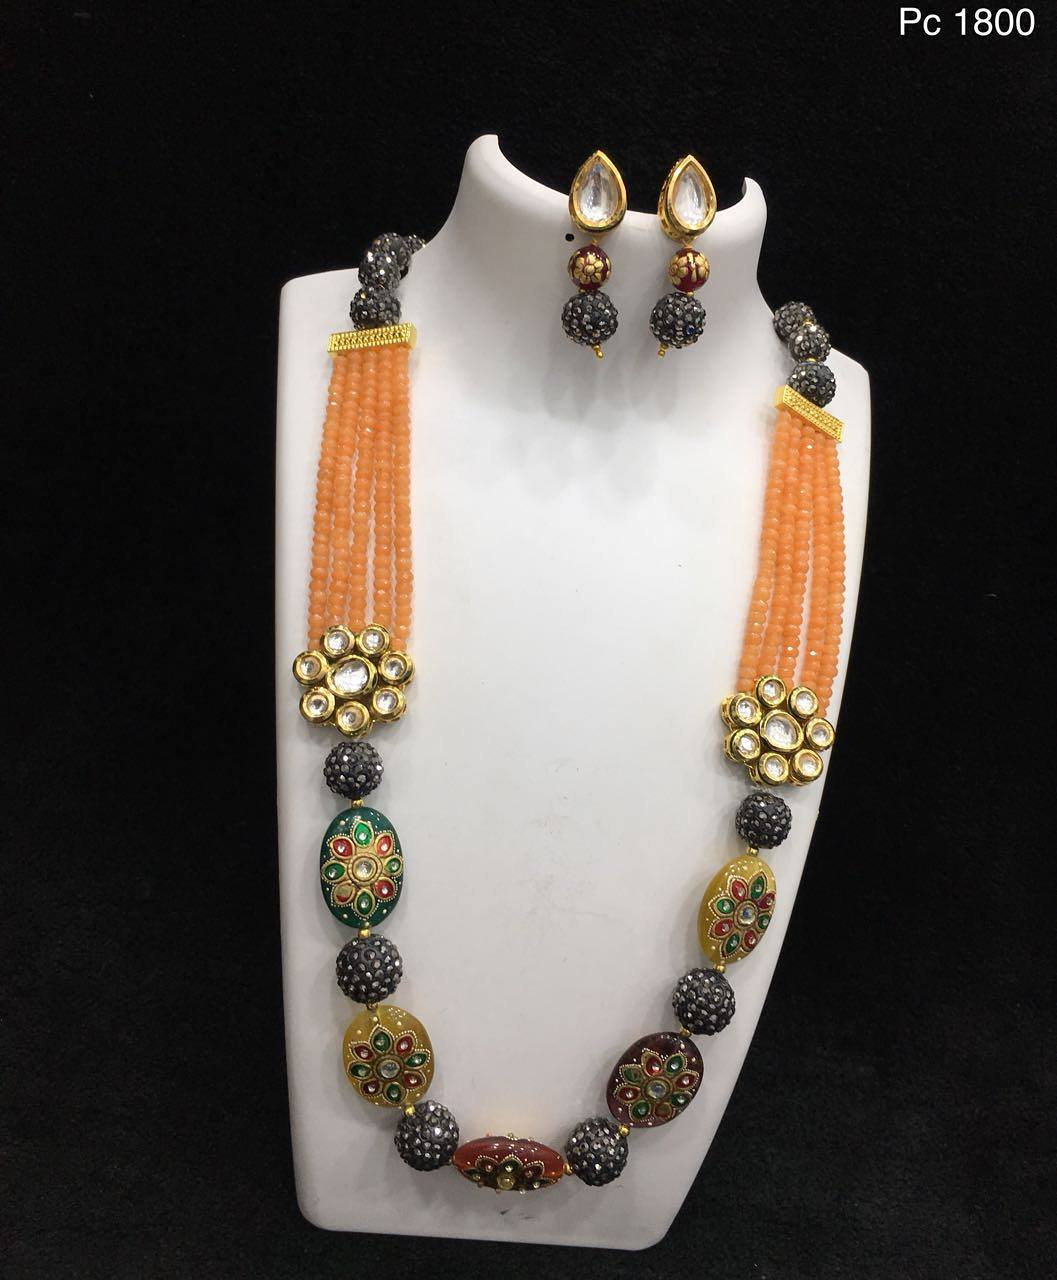 Fashionable Necklace Set From Alamakara